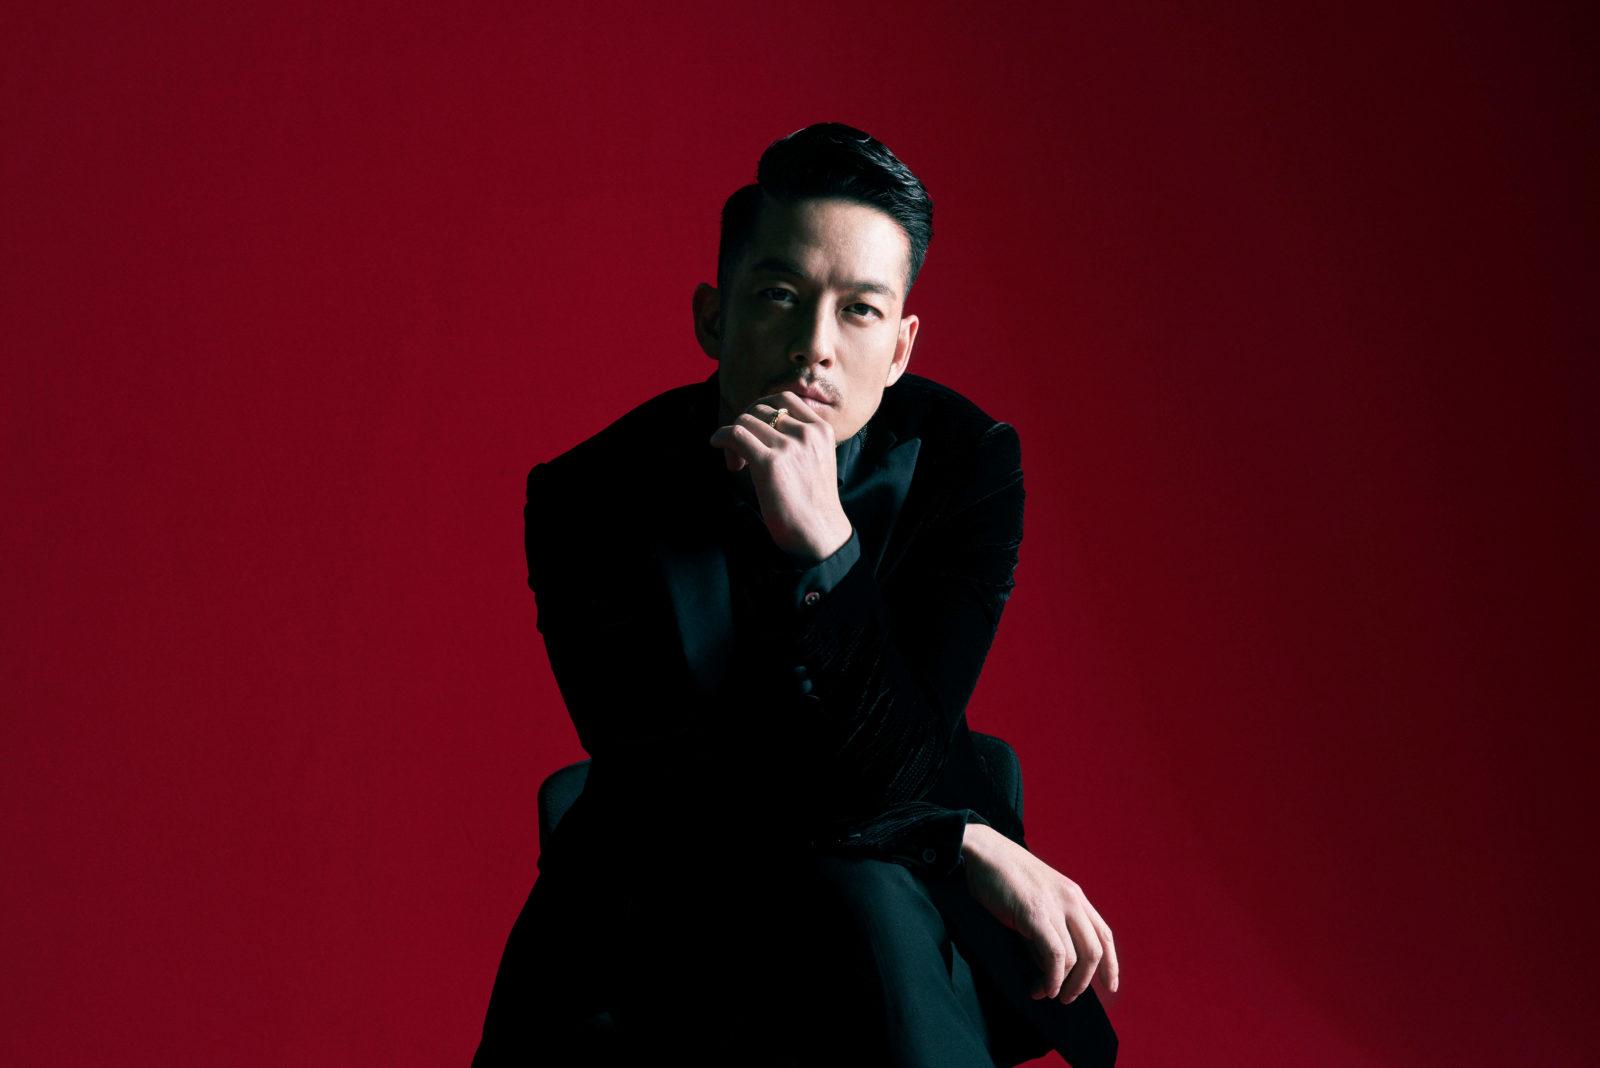 清木場俊介、ニューアルバム『CHANGE』の歌詞を先行公開!全国のビジョンでの60秒PVの放送も決定!サムネイル画像